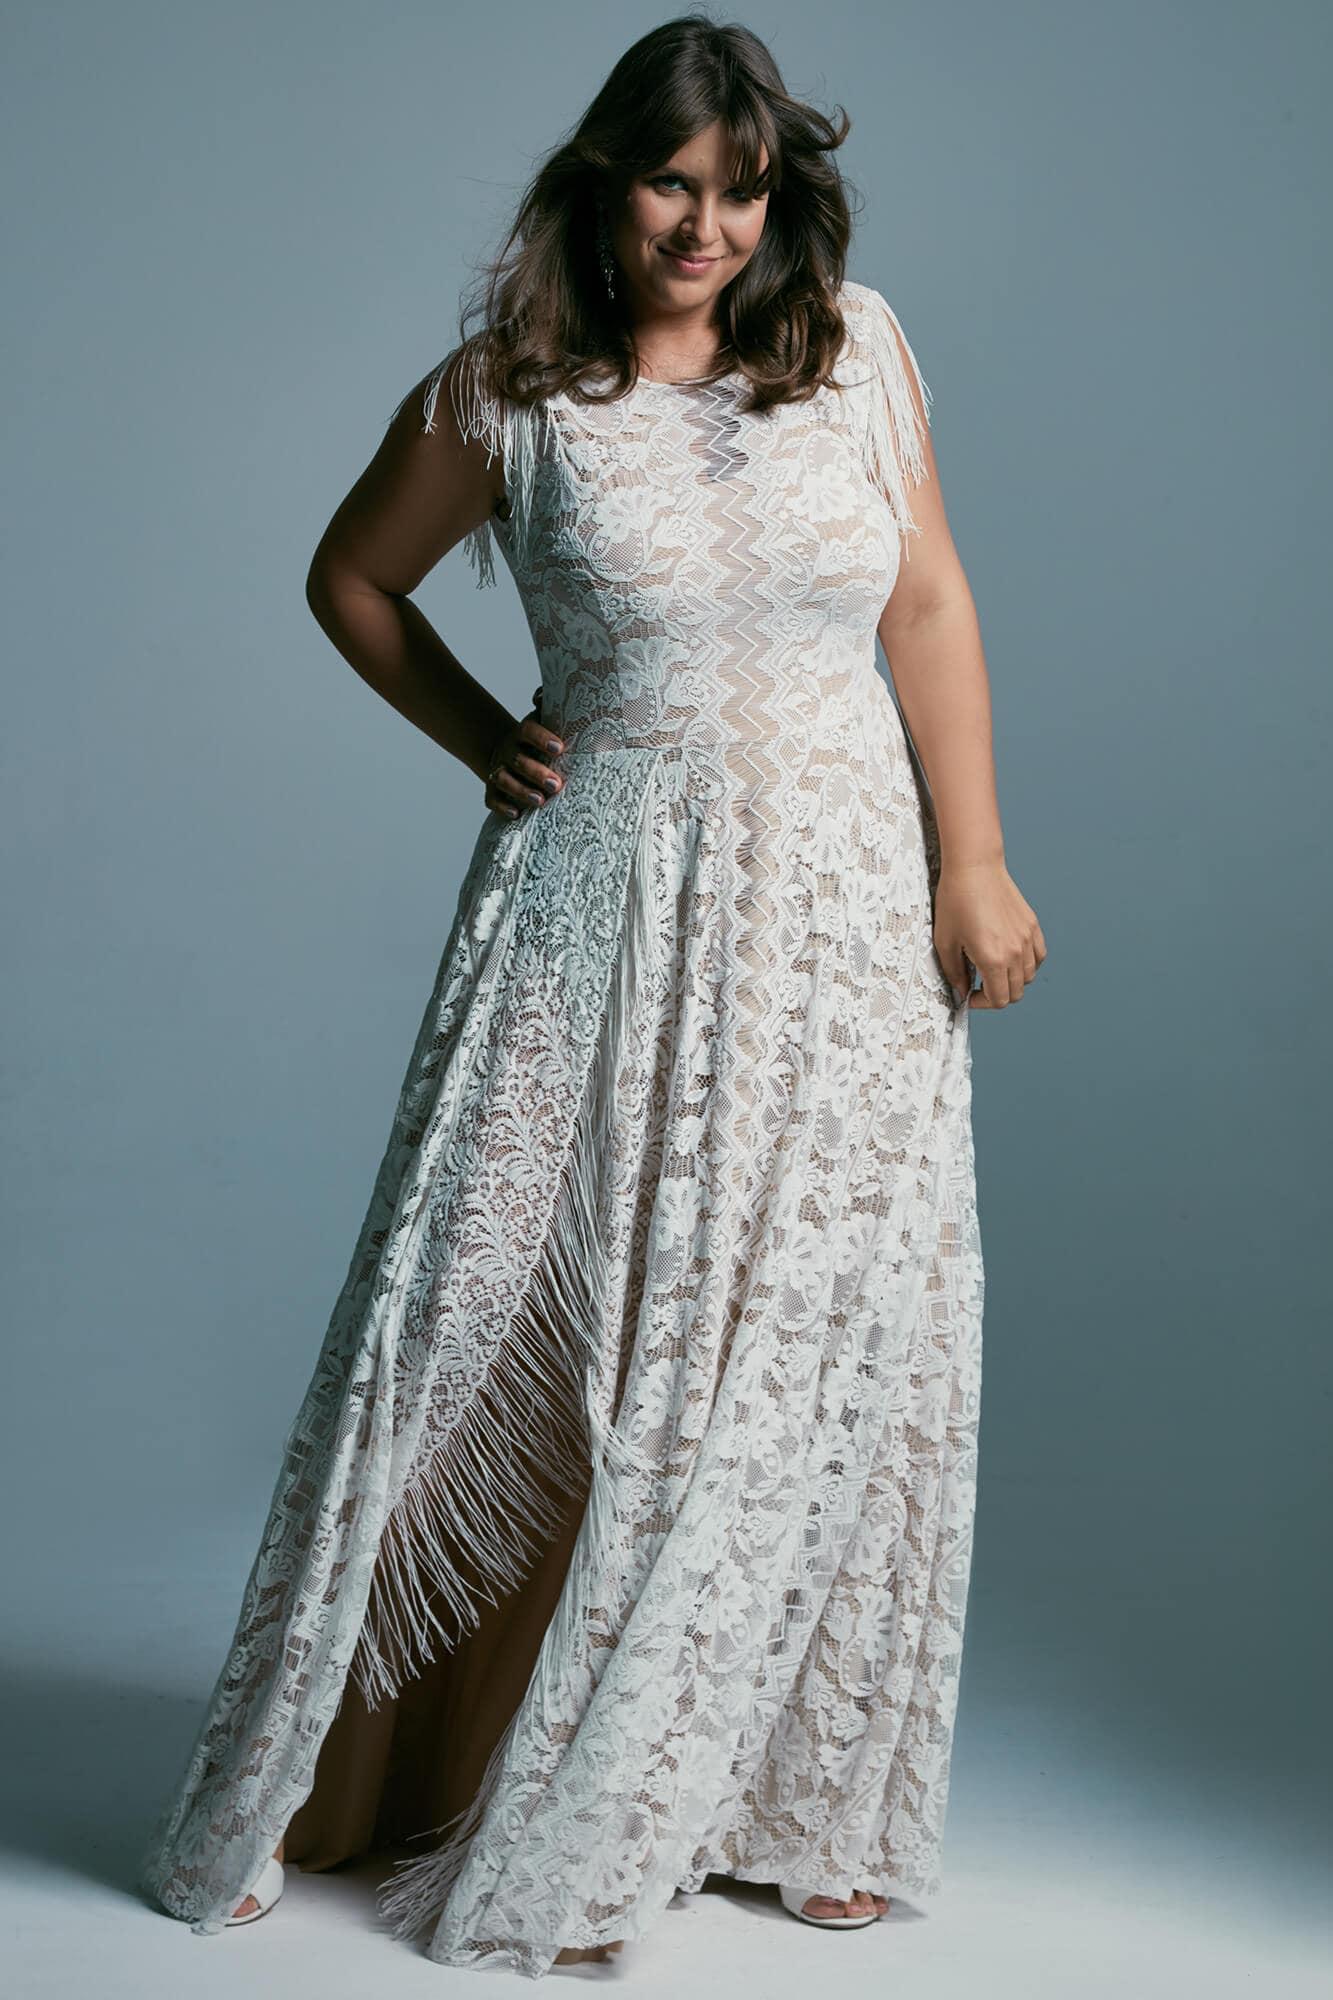 Plus size wedding dress with high neckline and boho style fringes Porto 53 plus size